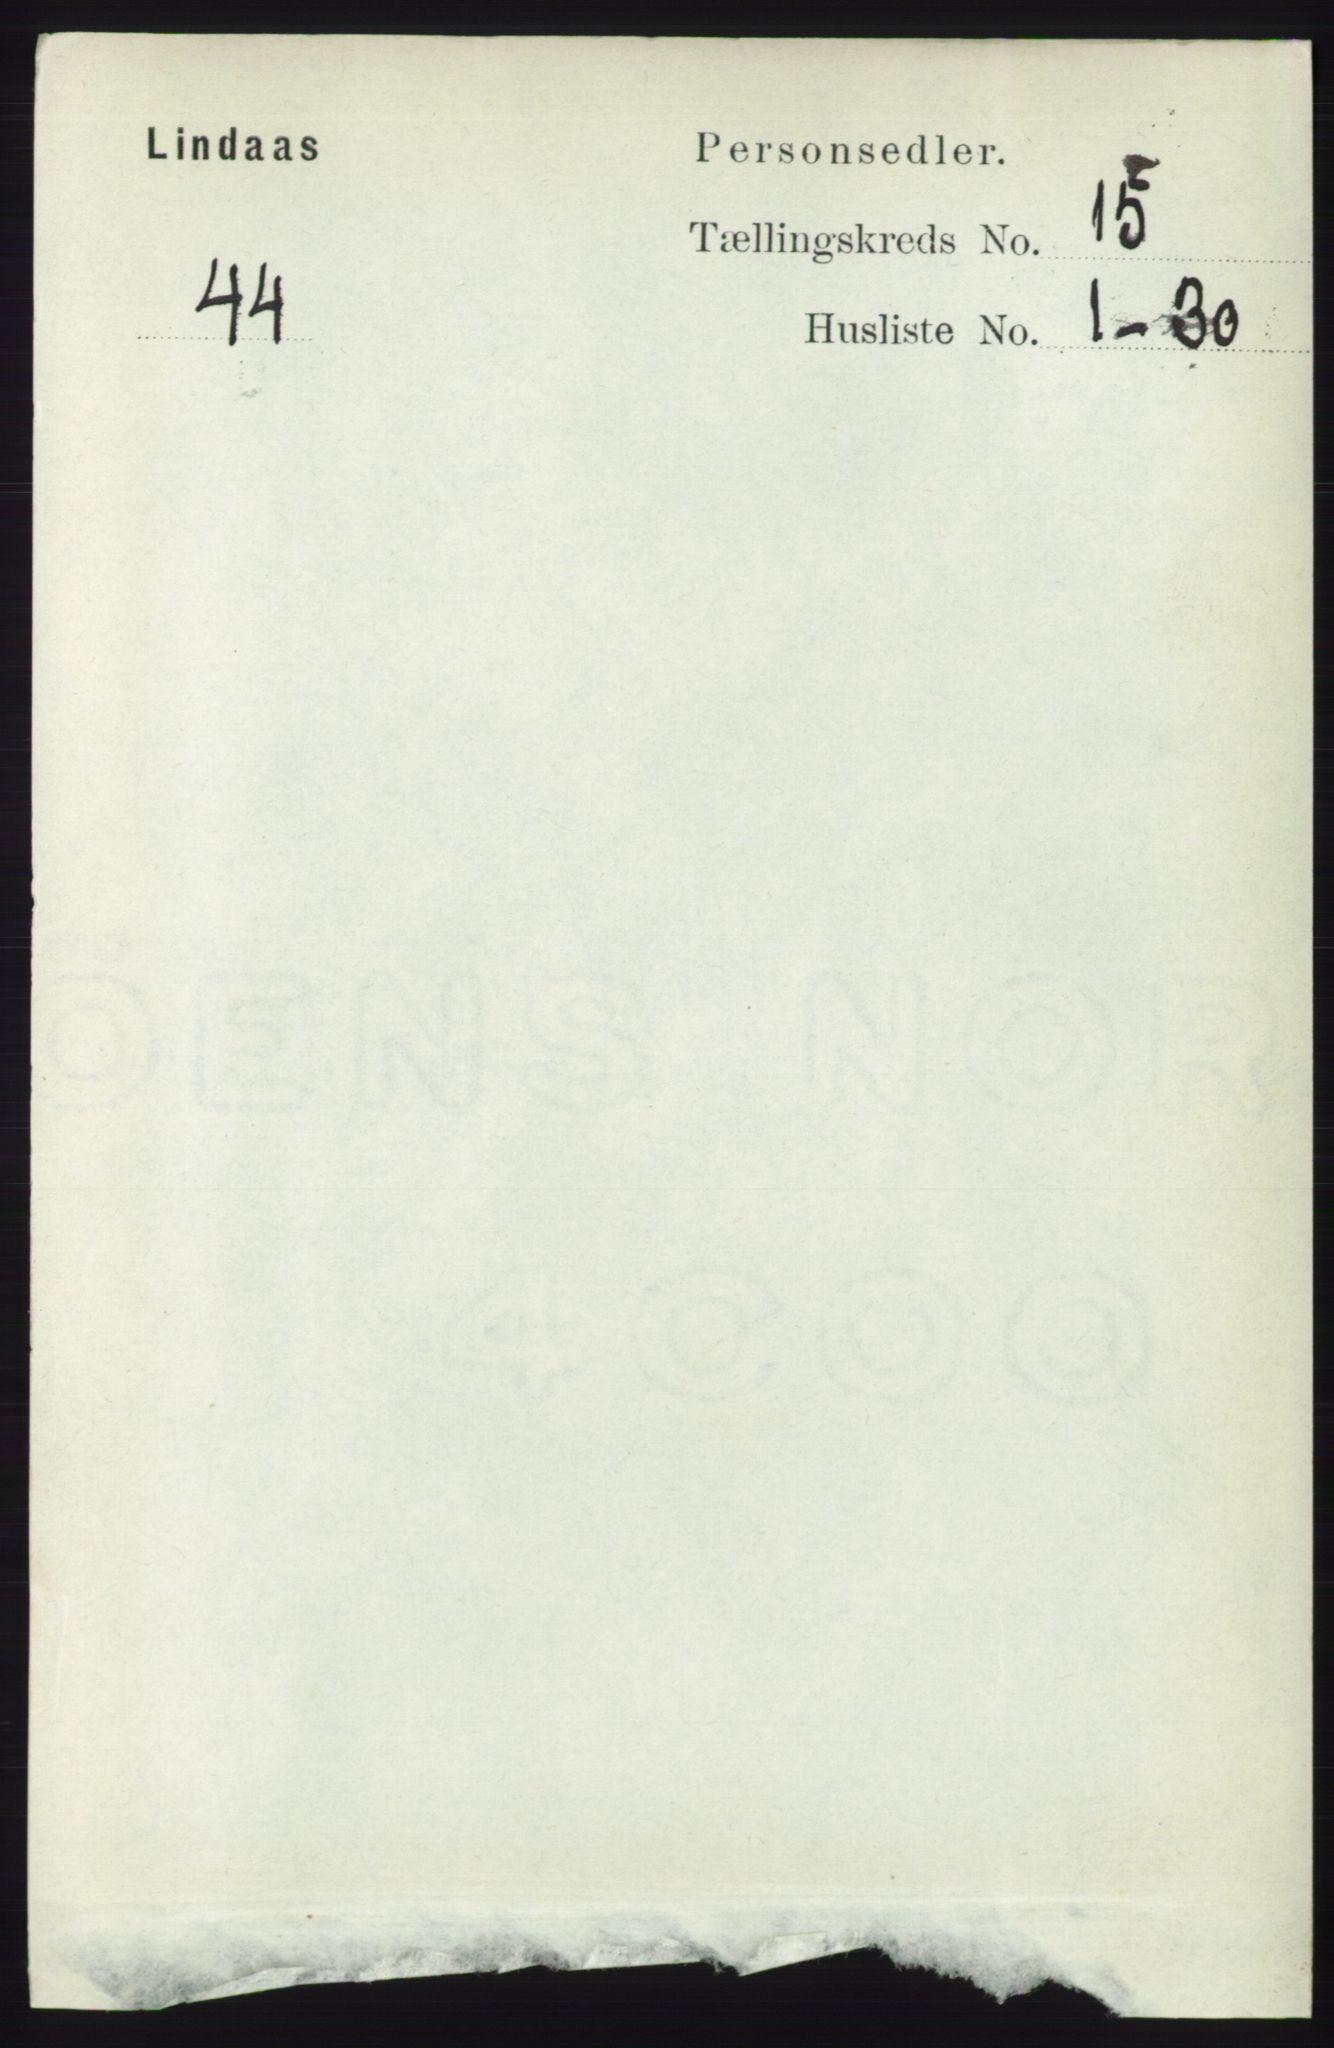 RA, Folketelling 1891 for 1263 Lindås herred, 1891, s. 5274